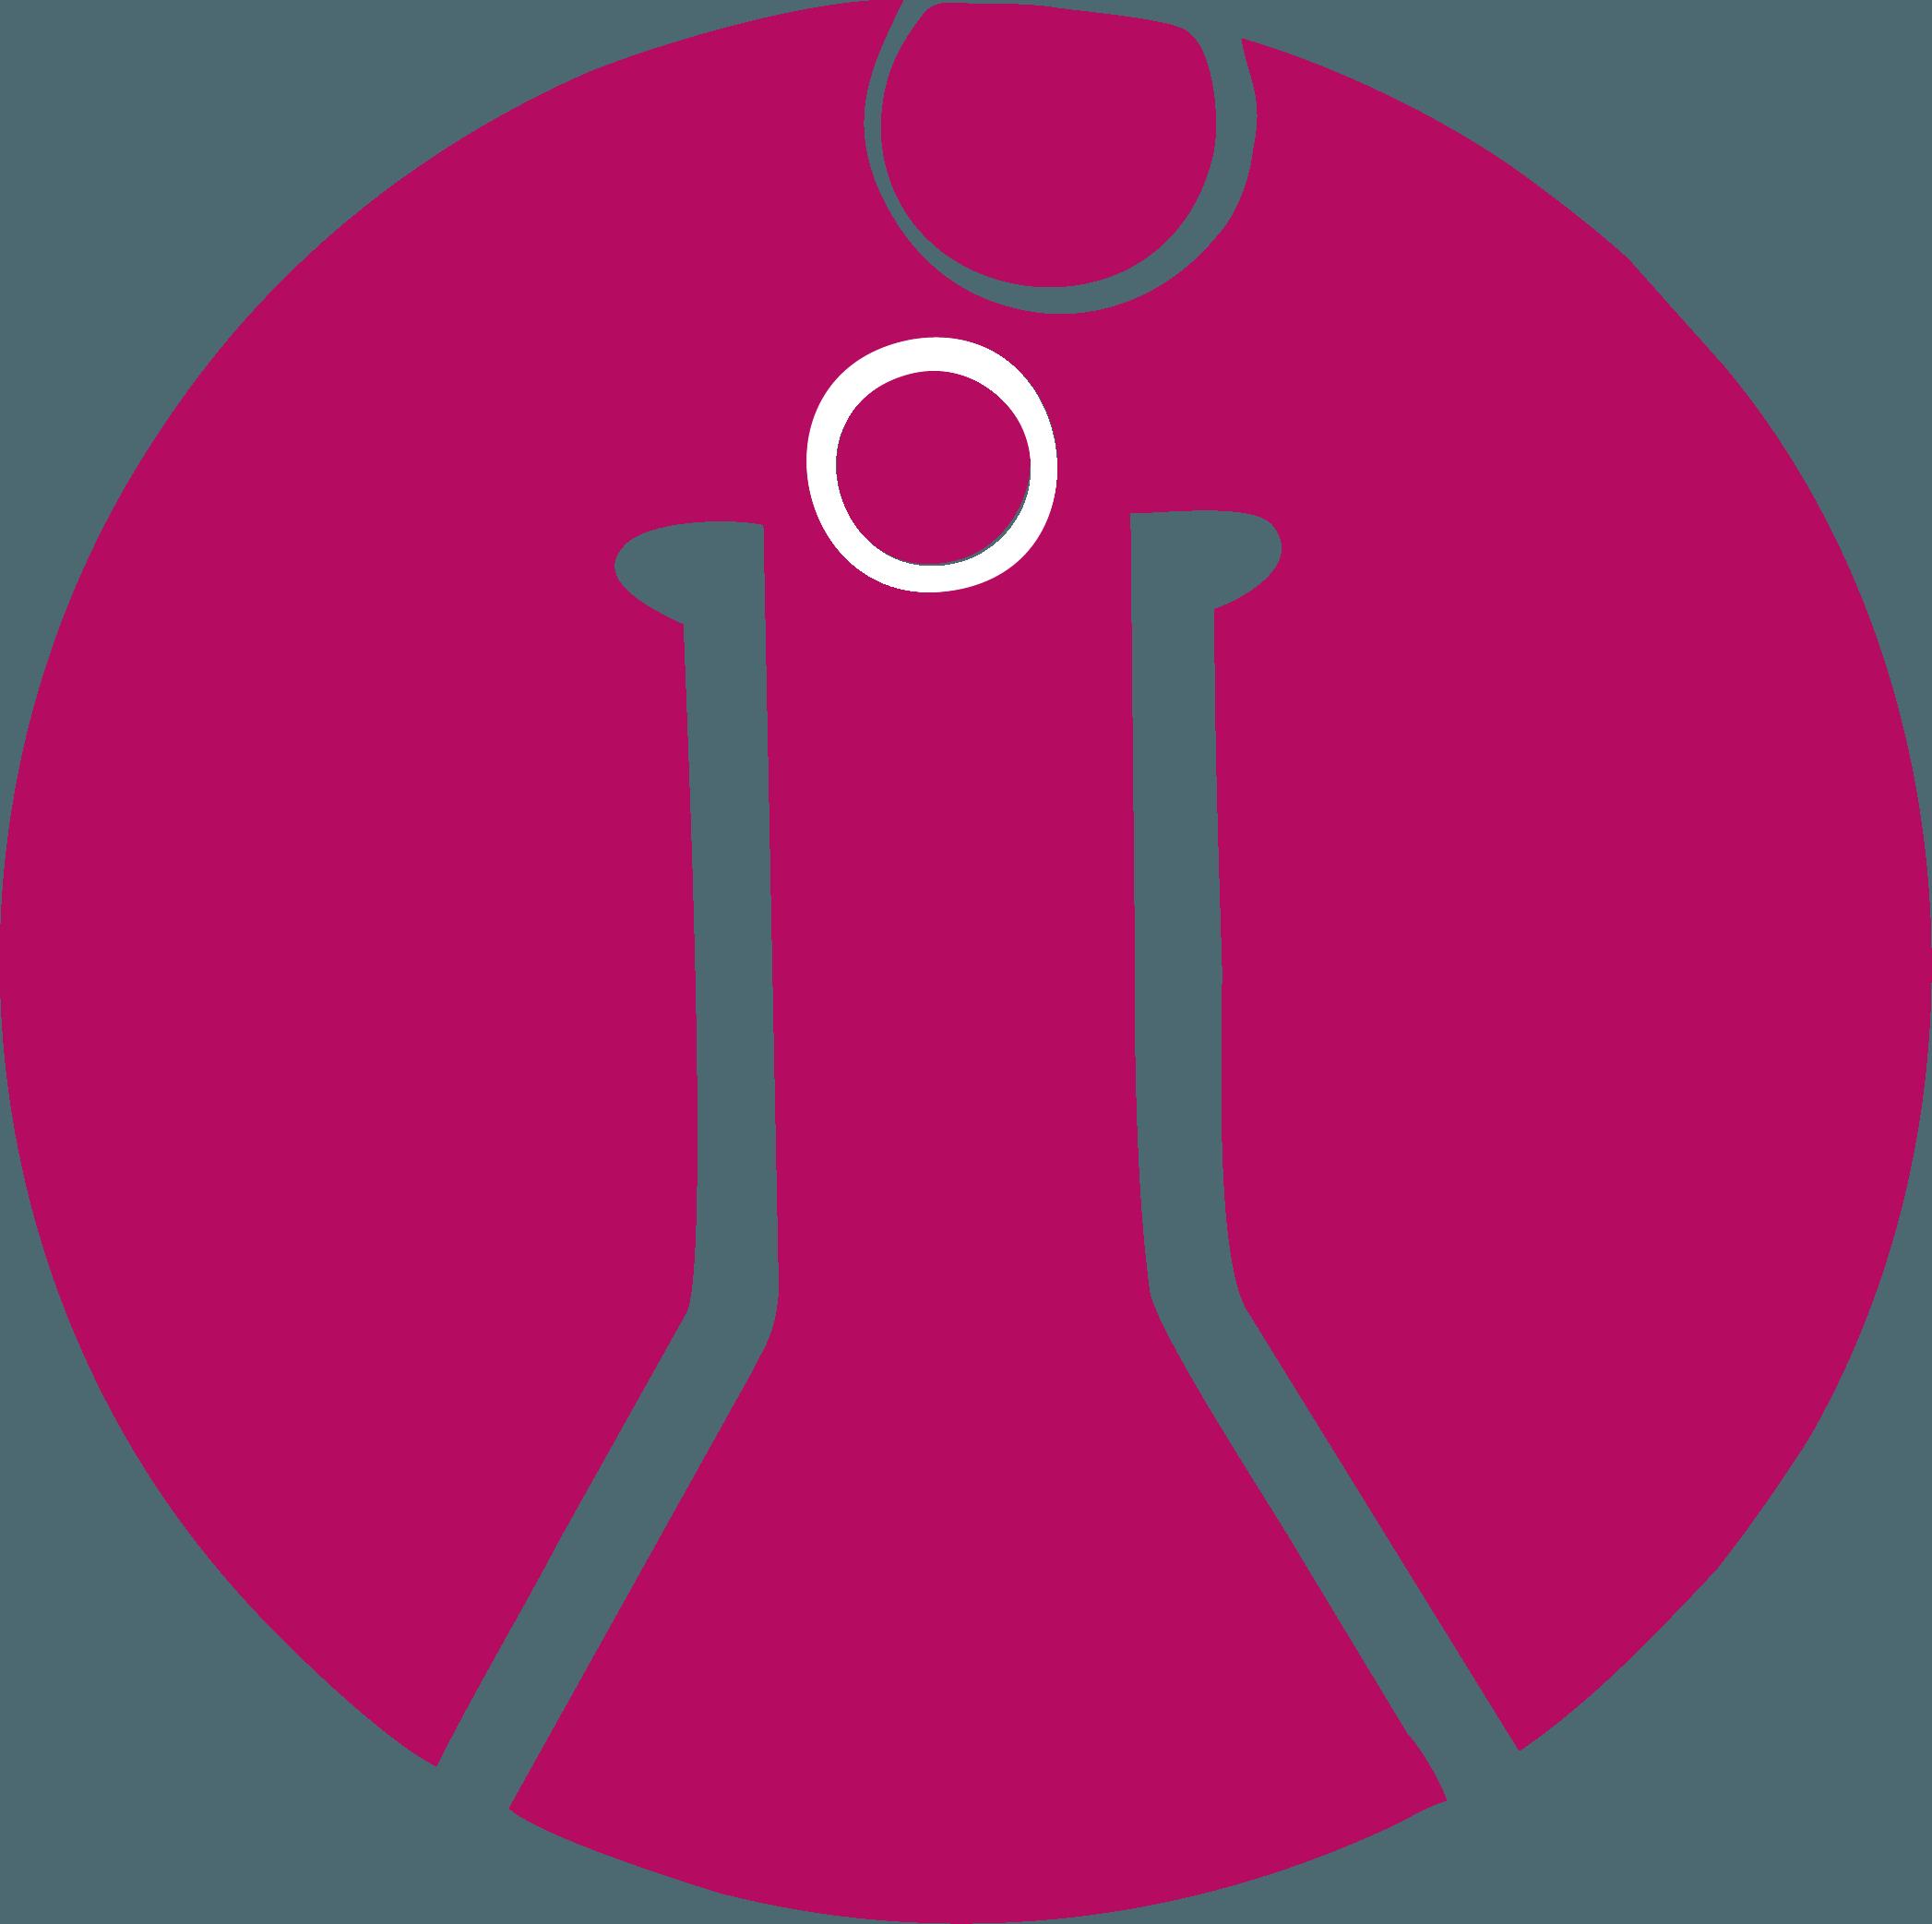 Werkterrein-kwartiermakers-icon-home-pagina-makers-design-lab-1